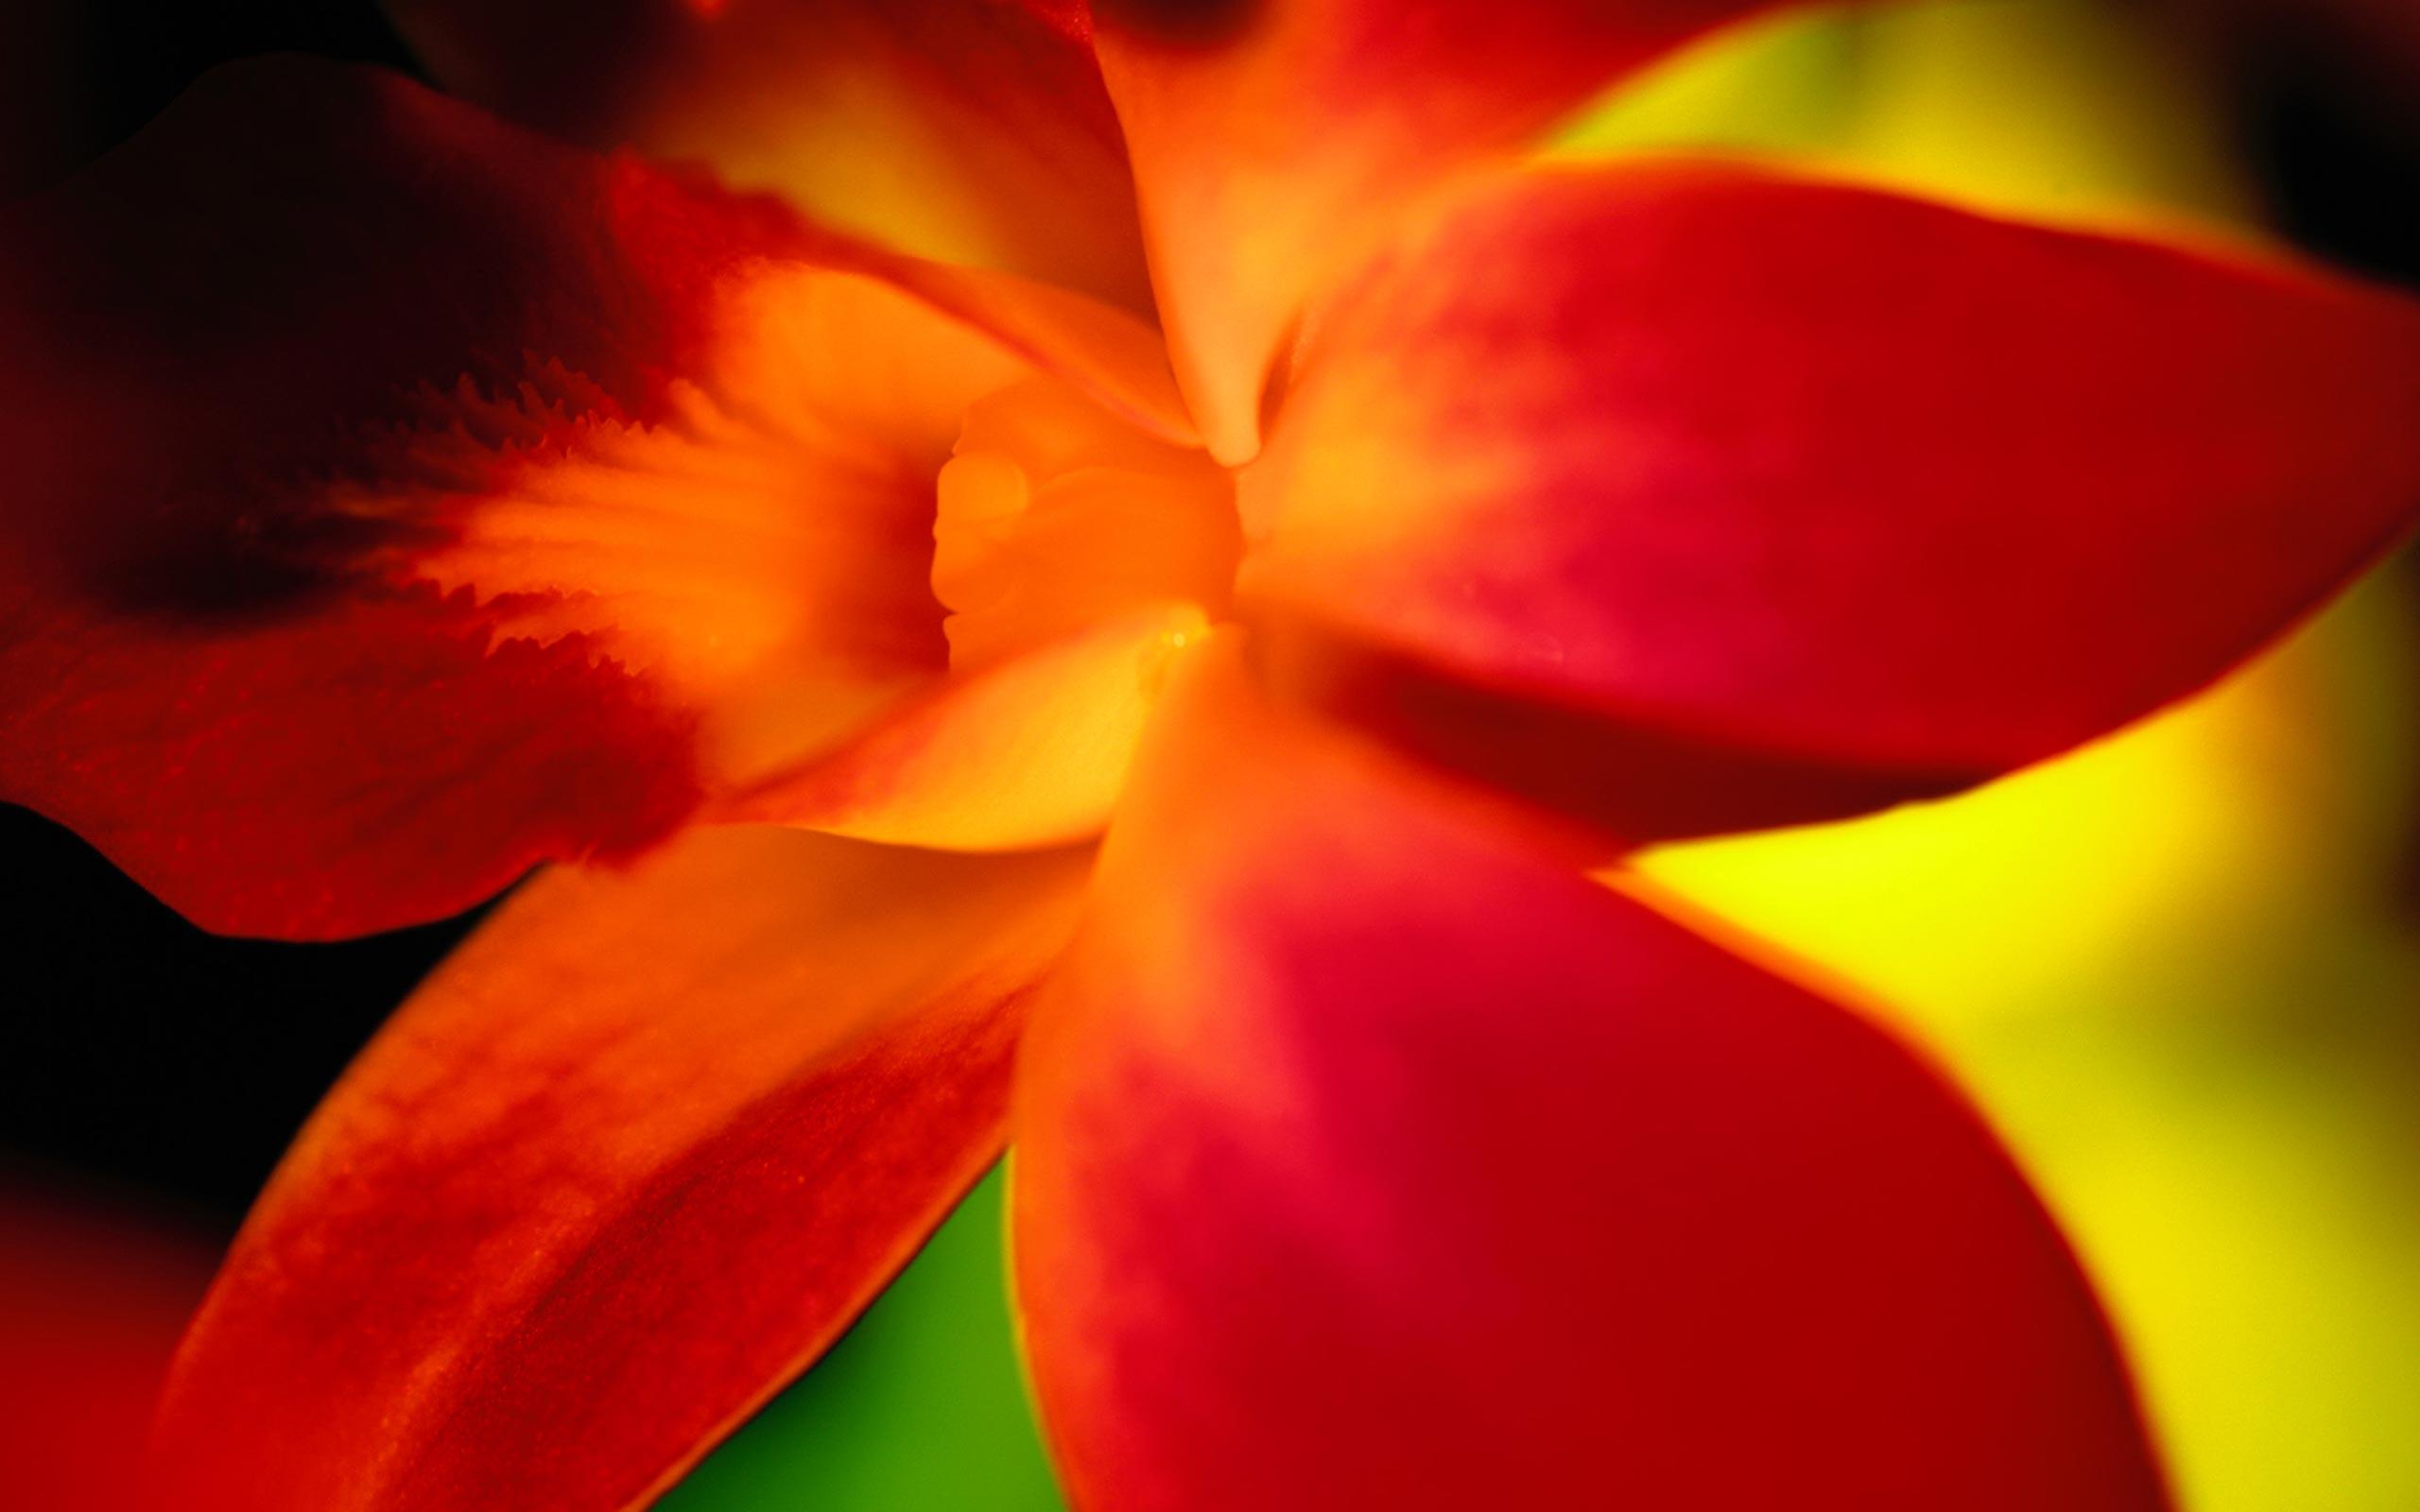 red flower petals 25892